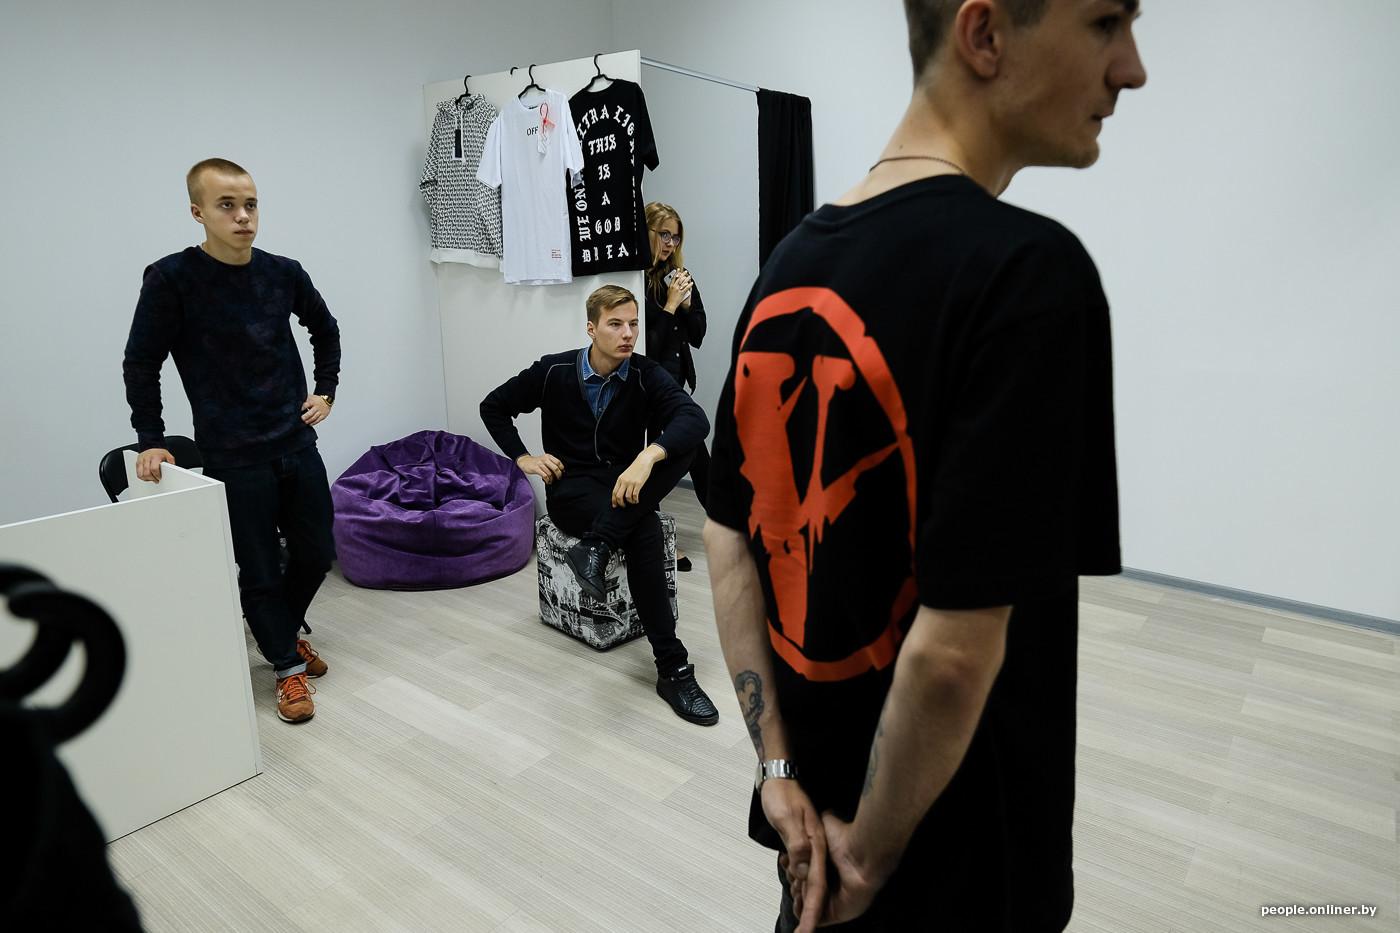 Поэтому если Канье Уэст (марка Yeezy. — Прим. Onliner.by) приедет в Минск,  то он может расстроиться, конечно  здесь есть только подделки. f2437b7ad7d